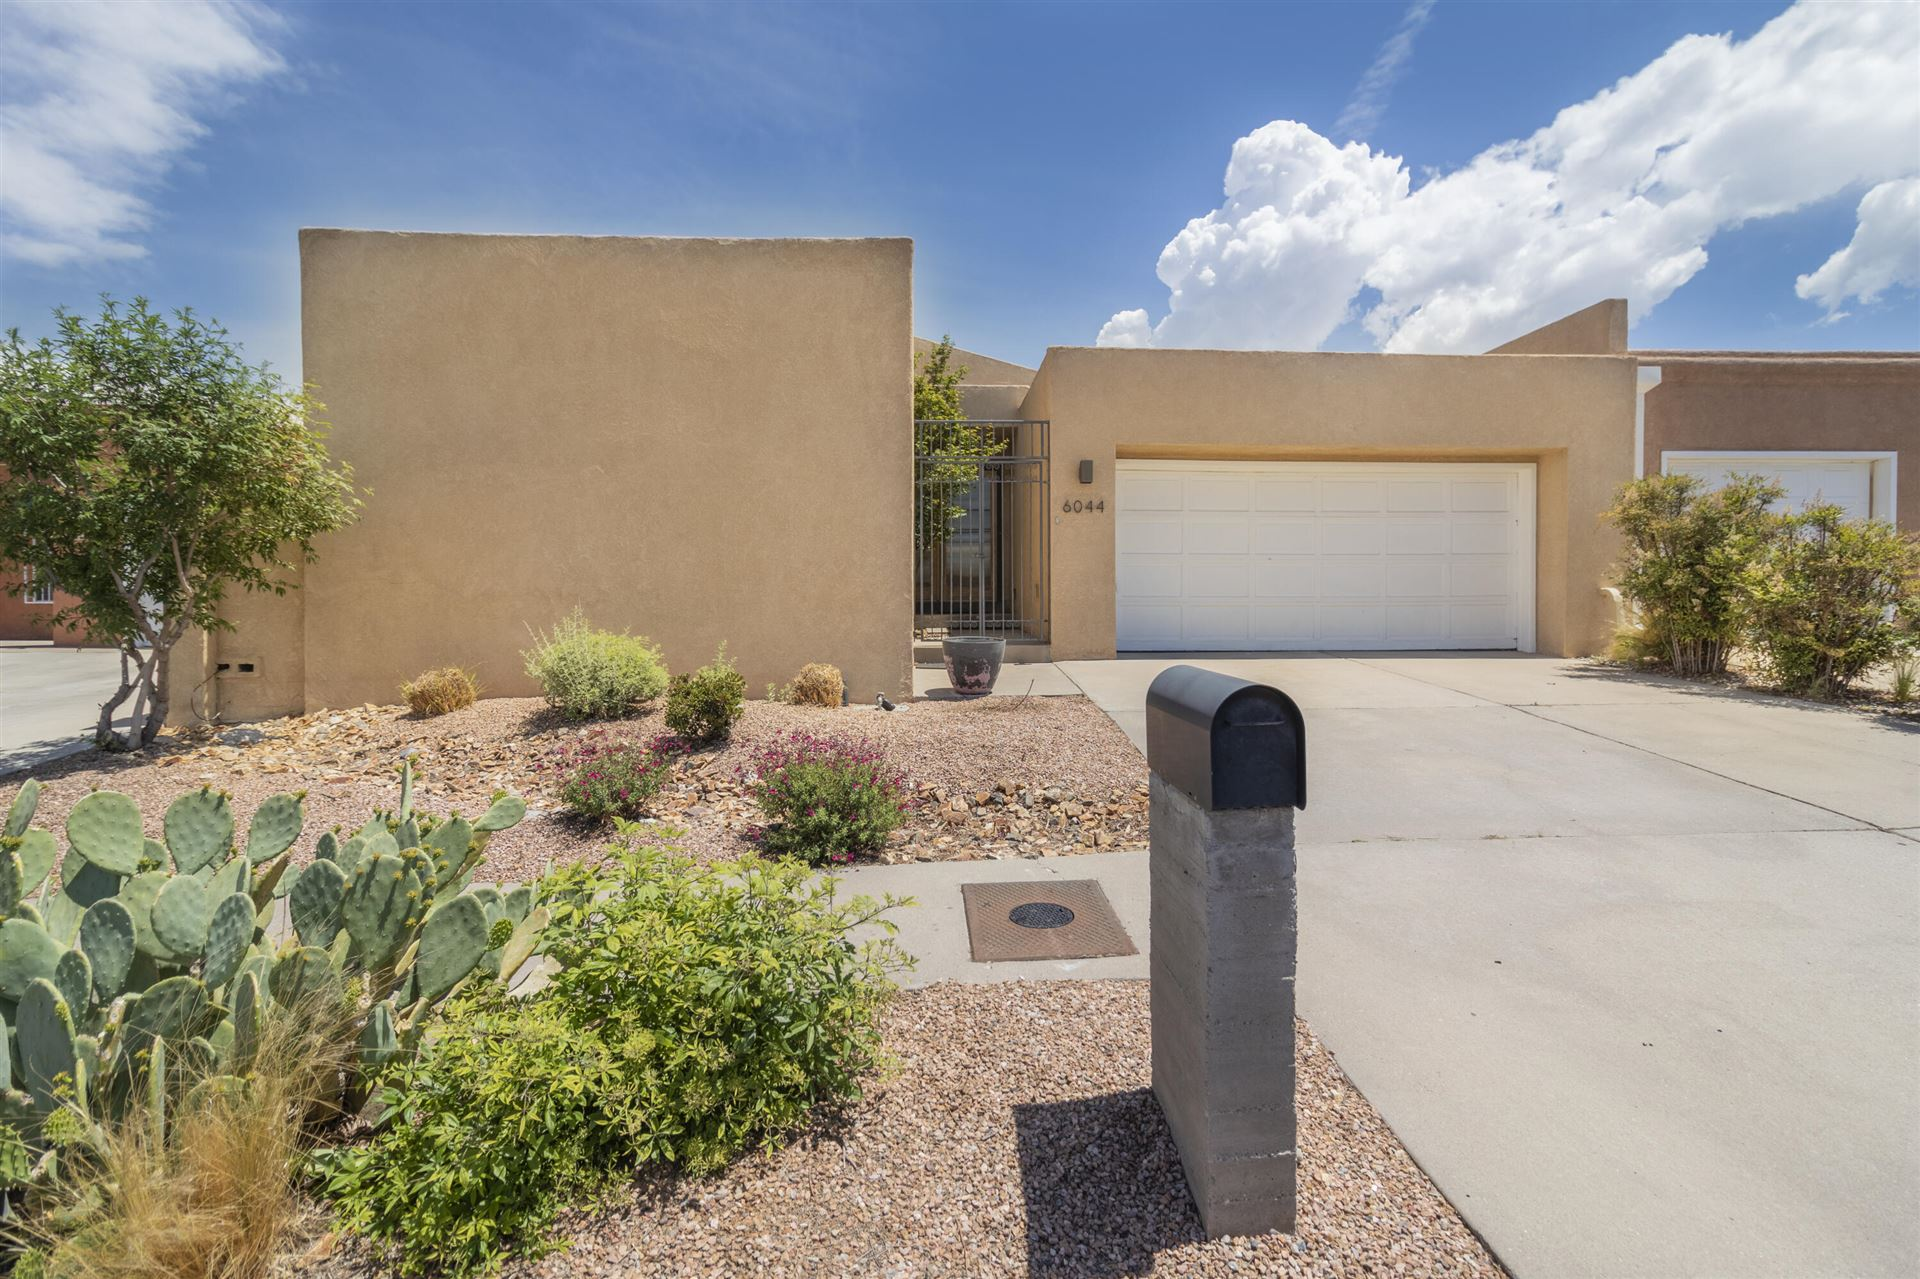 Photo of 6044 Vista Campo Road NE, Albuquerque, NM 87109 (MLS # 993622)